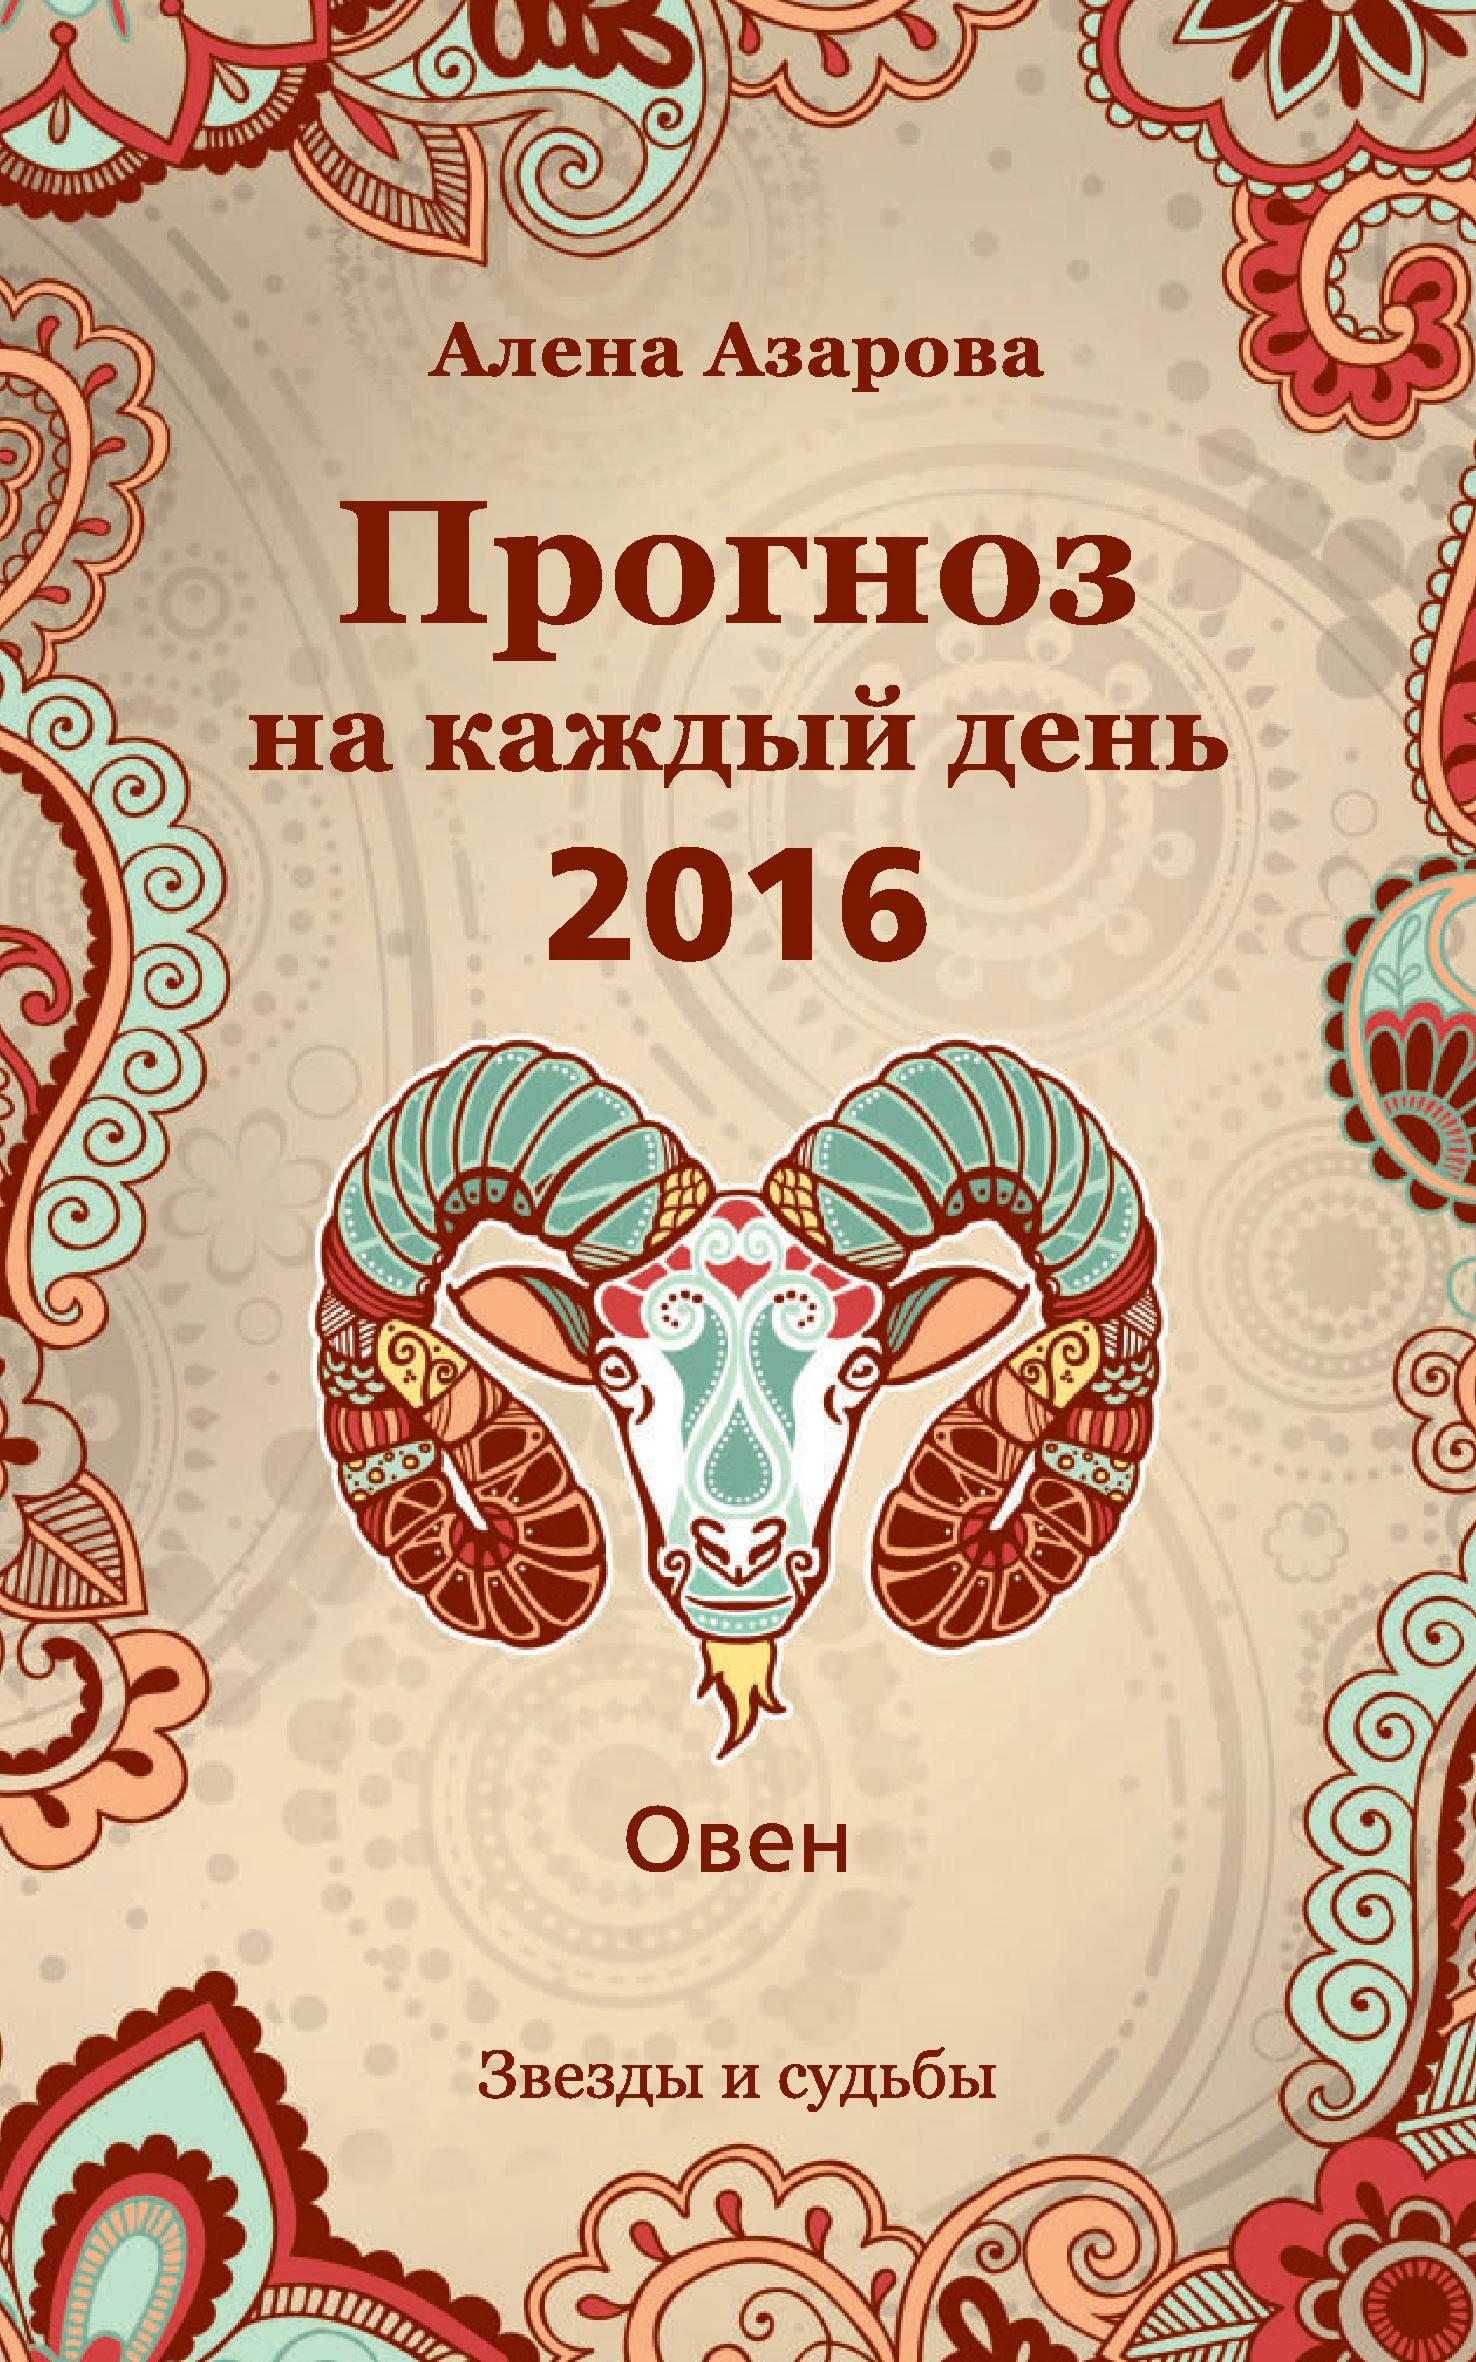 Алена Азарова Прогноз на каждый день. 2016 год. Овен алена азарова прогноз на каждый день 2016 год скорпион